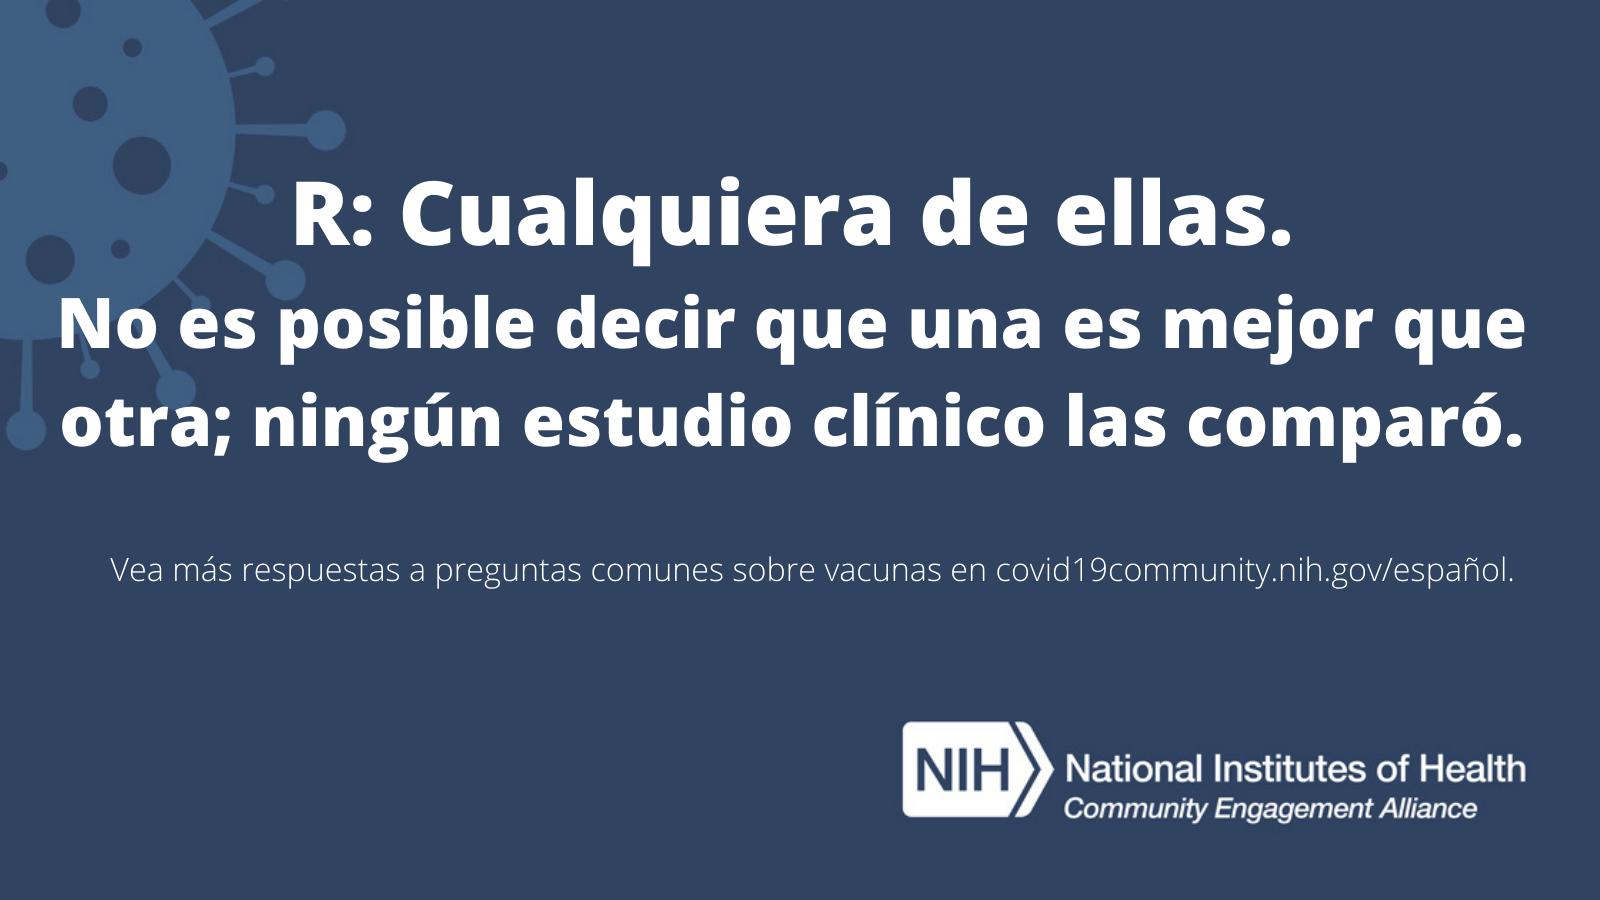 R: Cualquiera de ellas. No es posible decir que una es mejor que otra; ningún estudio clínico las comparó. Vea más respuestas a preguntas sobre vacunas en covid19community.nih.gov/español.